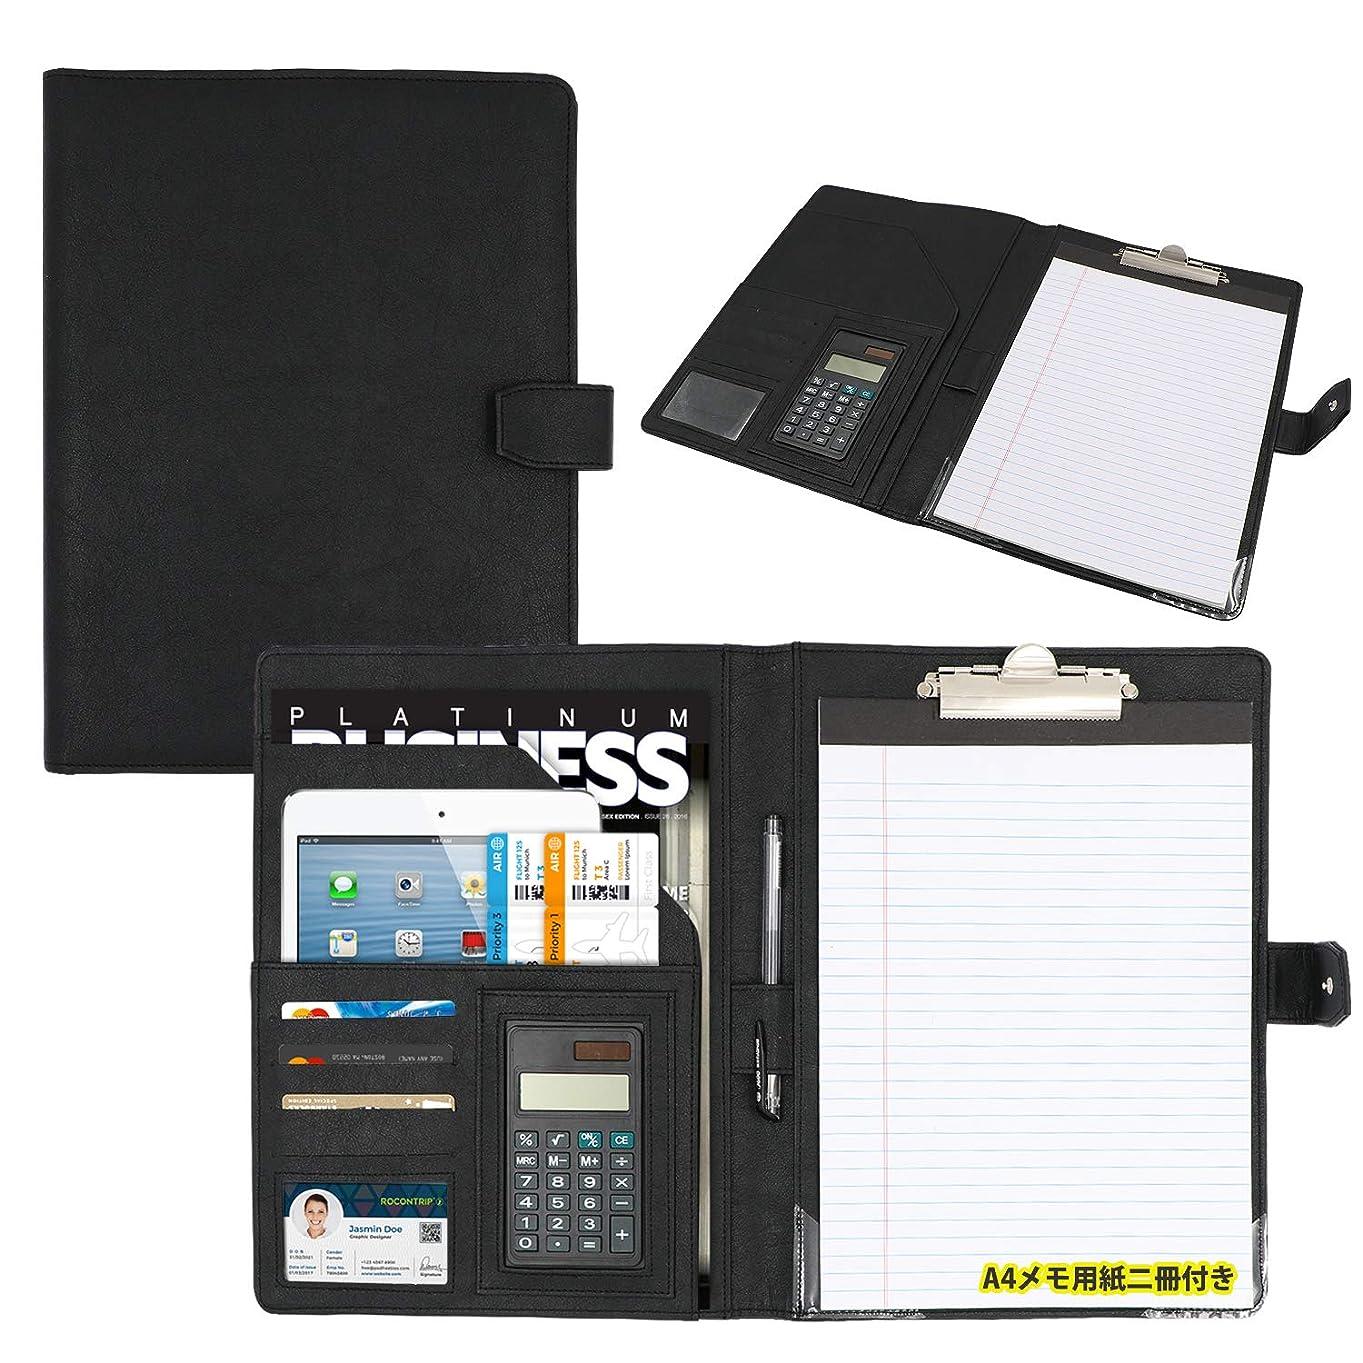 窓すすり泣きジョグA4 バインダー クリップボード 多機能フォルダー 8桁電卓付き 会議パッド ビジネスファイル 収納ポケット搭載 ペンホルダー付き 高級PUレザー 実用性が高いフォリオケース (ブラック)